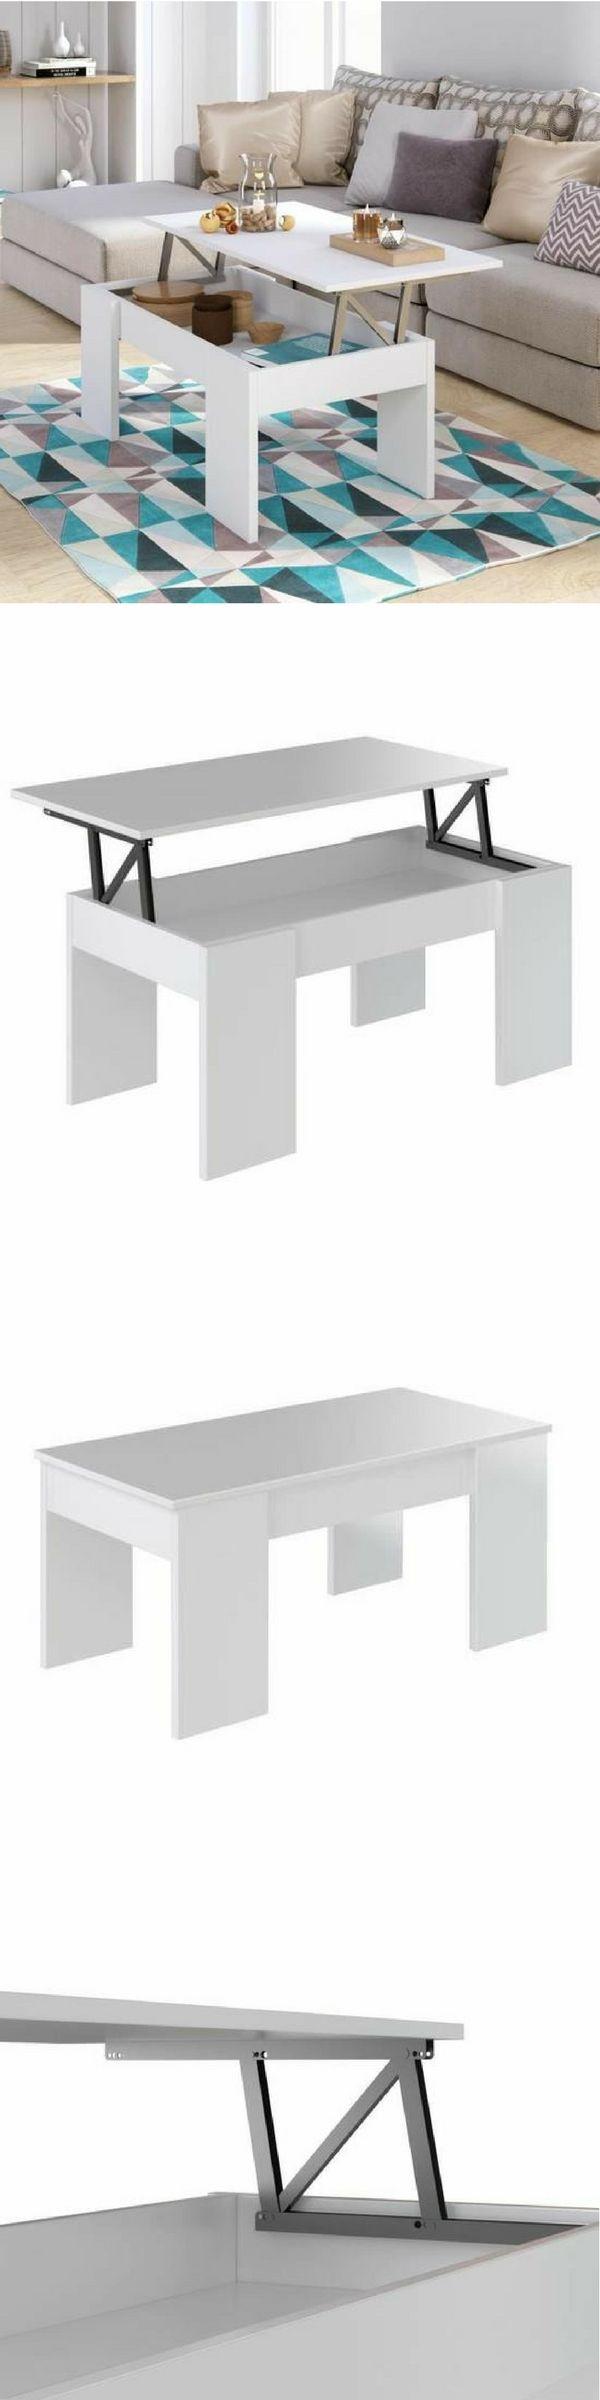 Cdiscount brade le prix de cette table basse 2 en 1 avec un plateau relevable